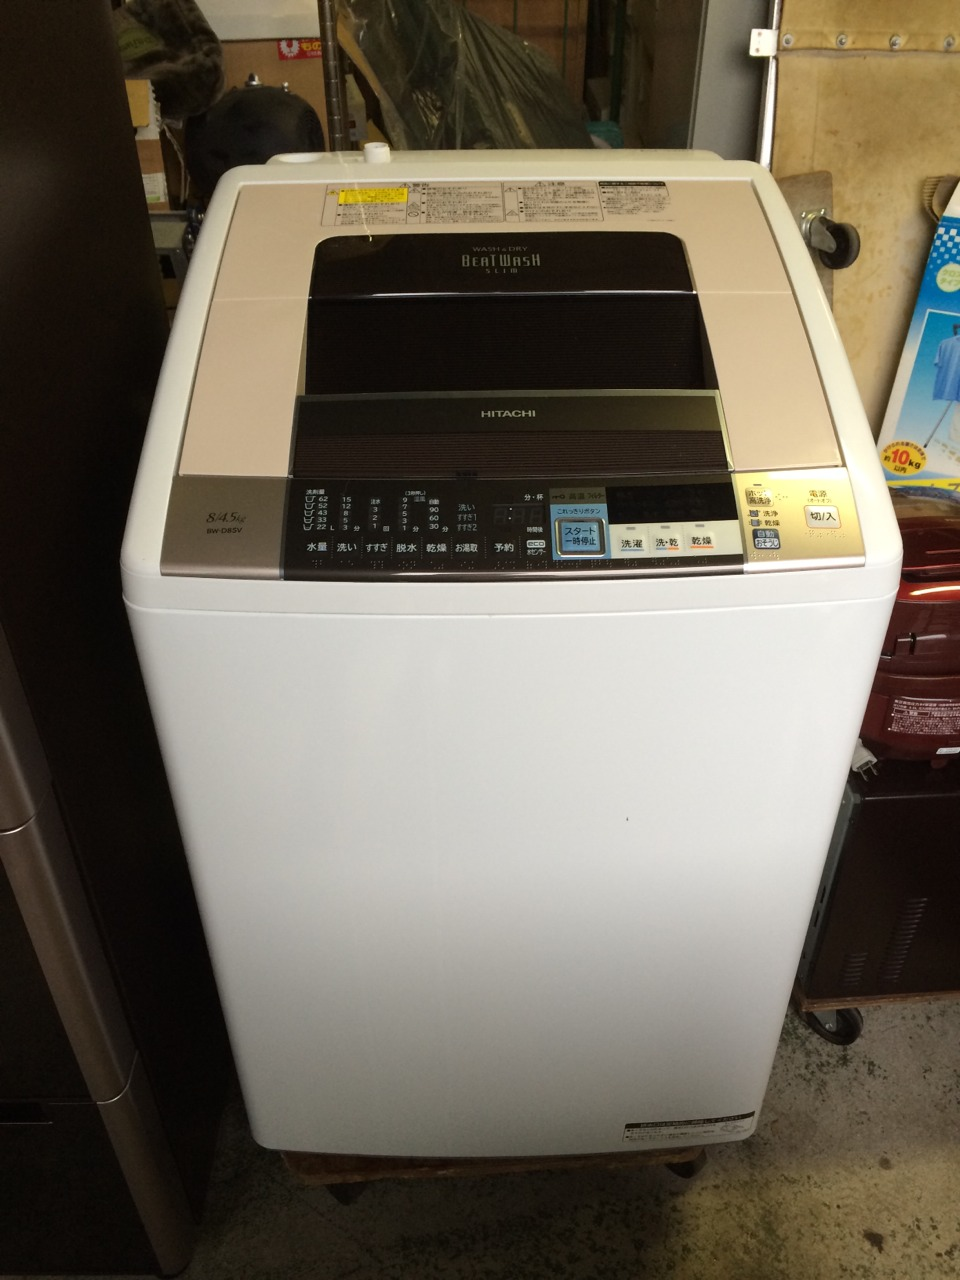 日立 洗濯 機 部品 Amazon.co.jp: 日立 洗濯機